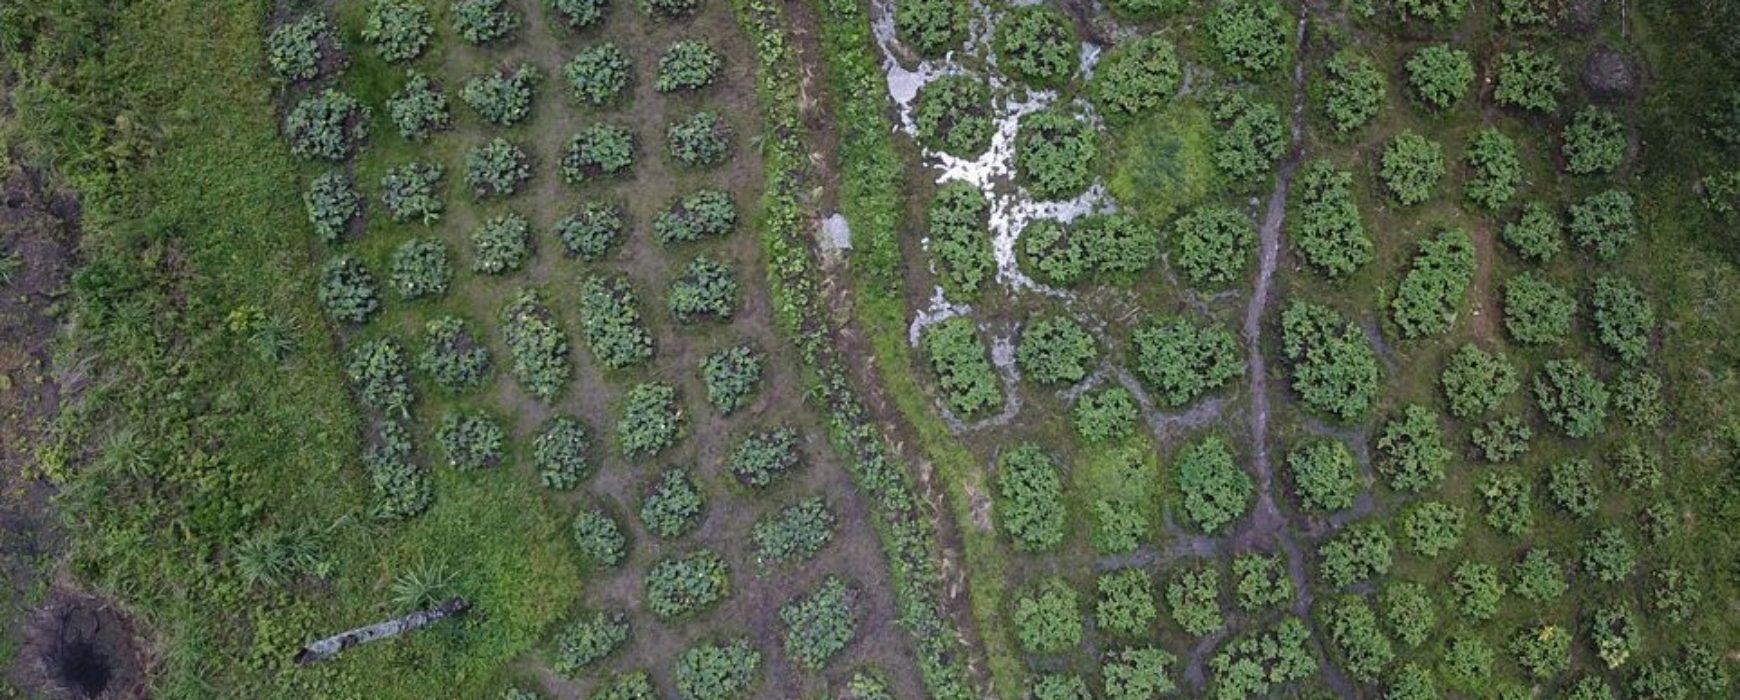 Reportage de RFI sur le projet de zonage agro-écologique de la Guinée